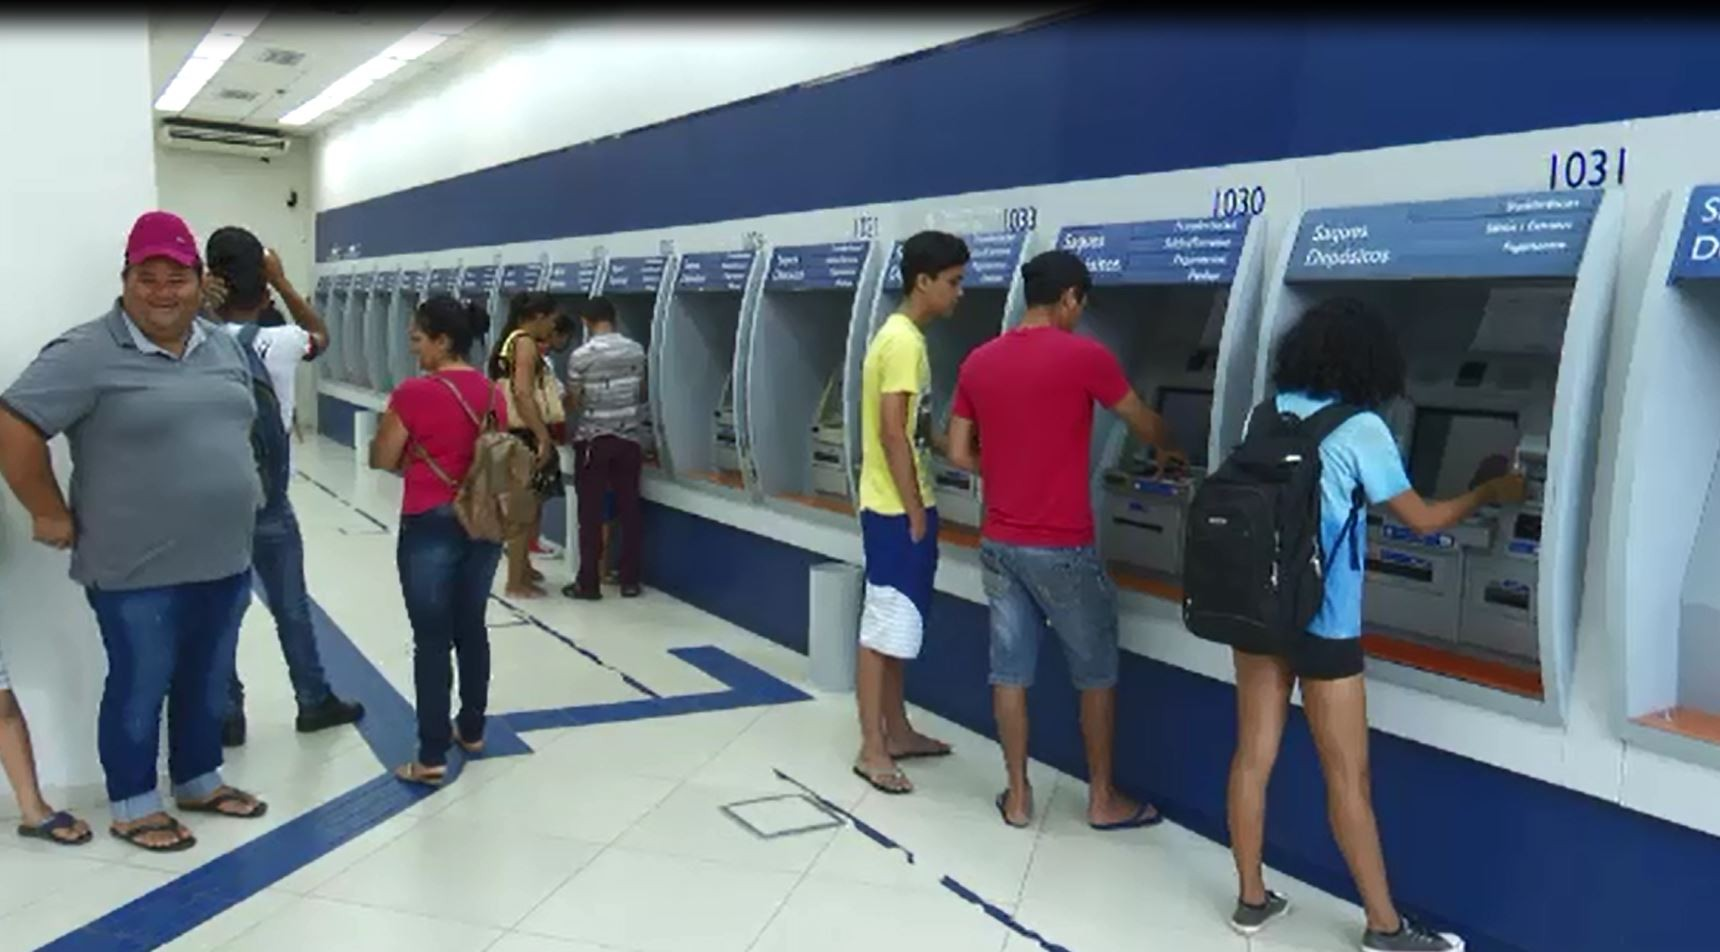 No Acre, Caixa tem movimentação tranquila no segundo dia de saque do FGTS - Notícias - Plantão Diário